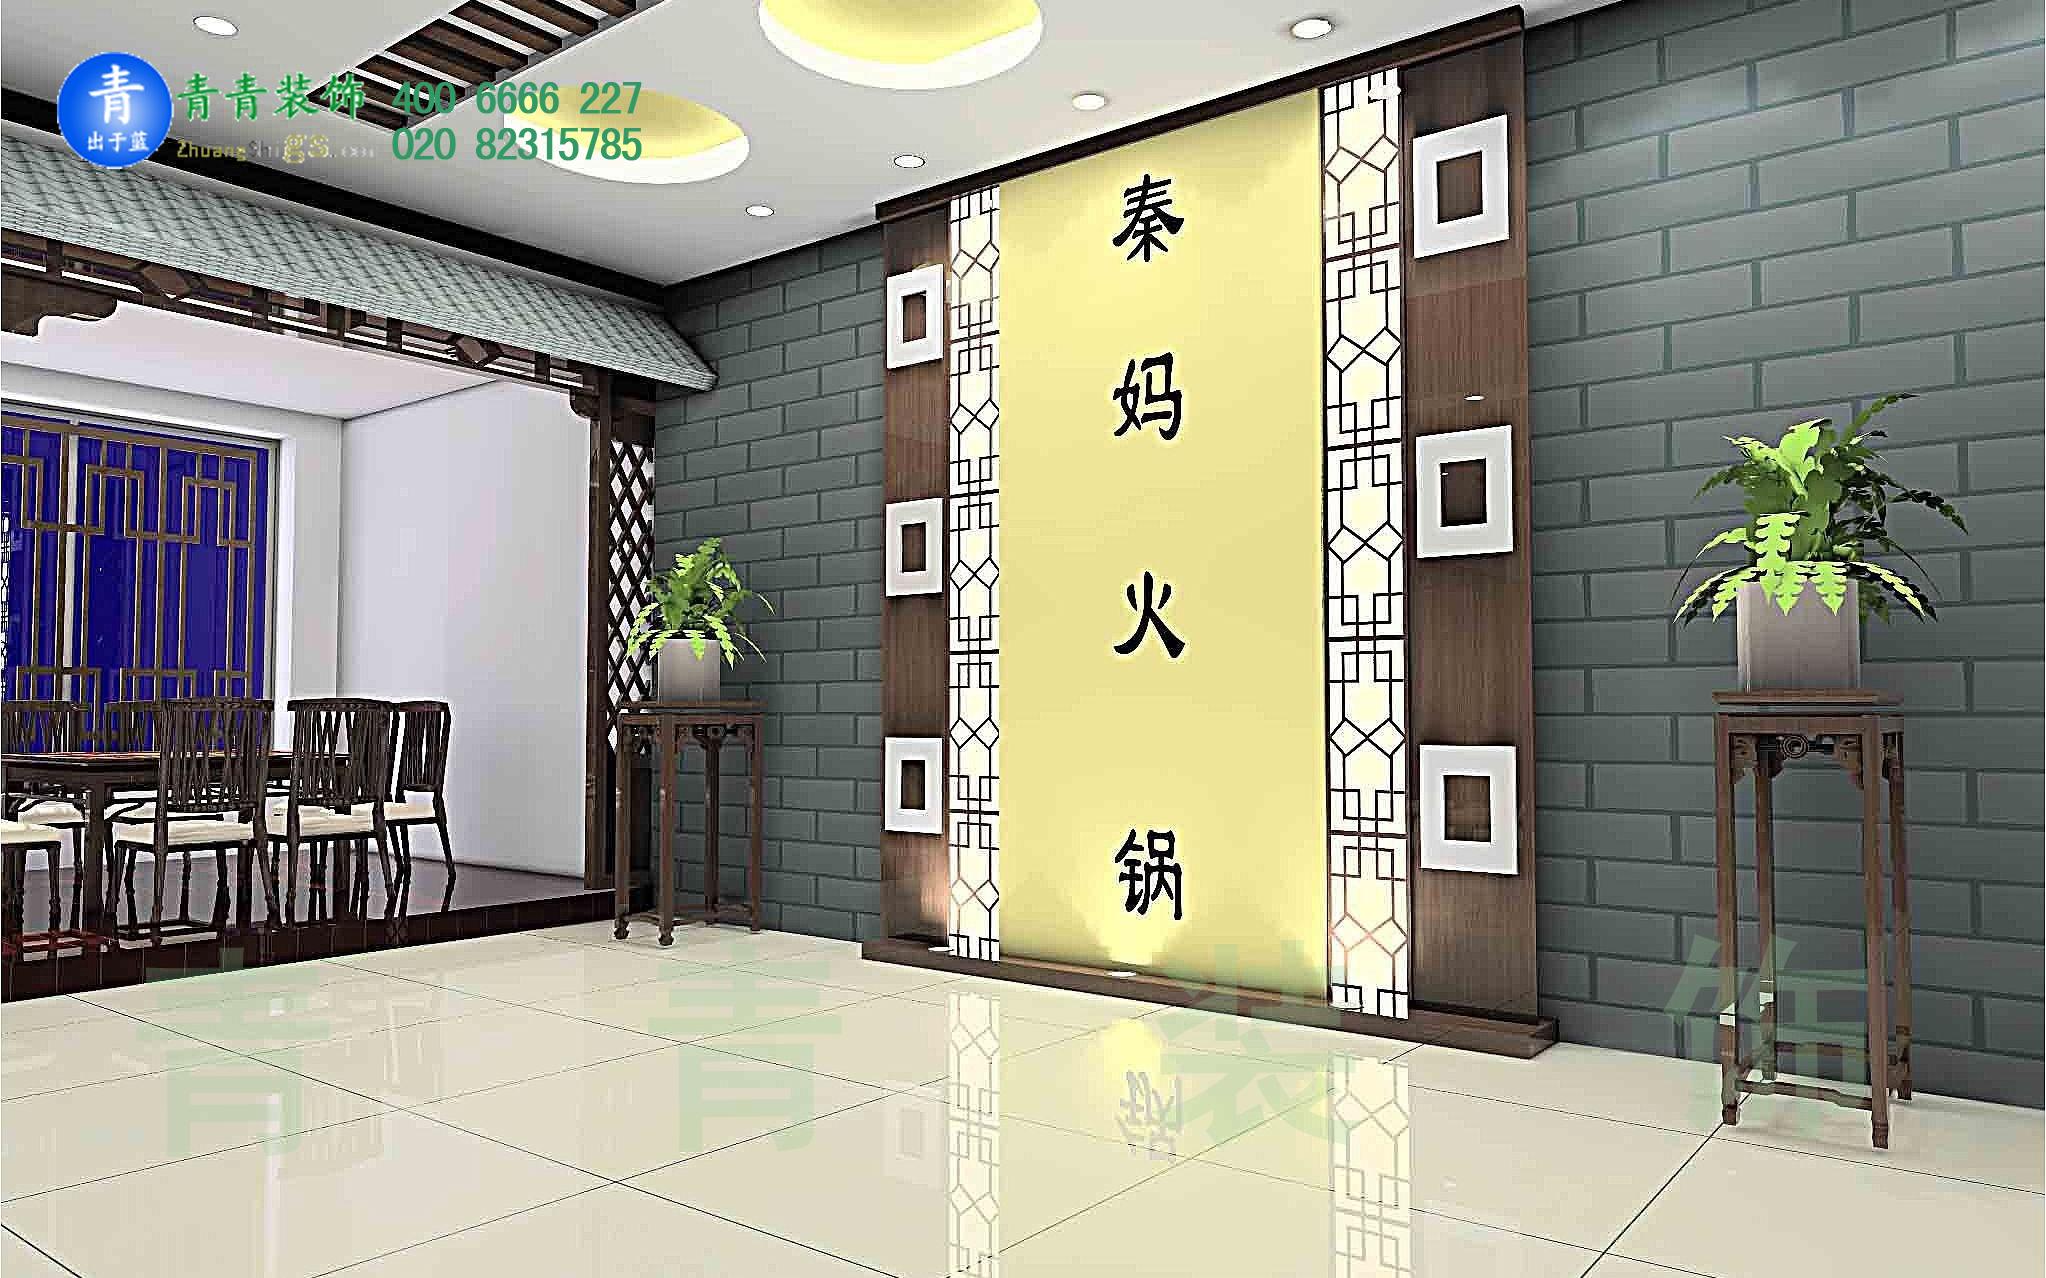 惠州秦妈火锅店manbetx手机登录设计案例